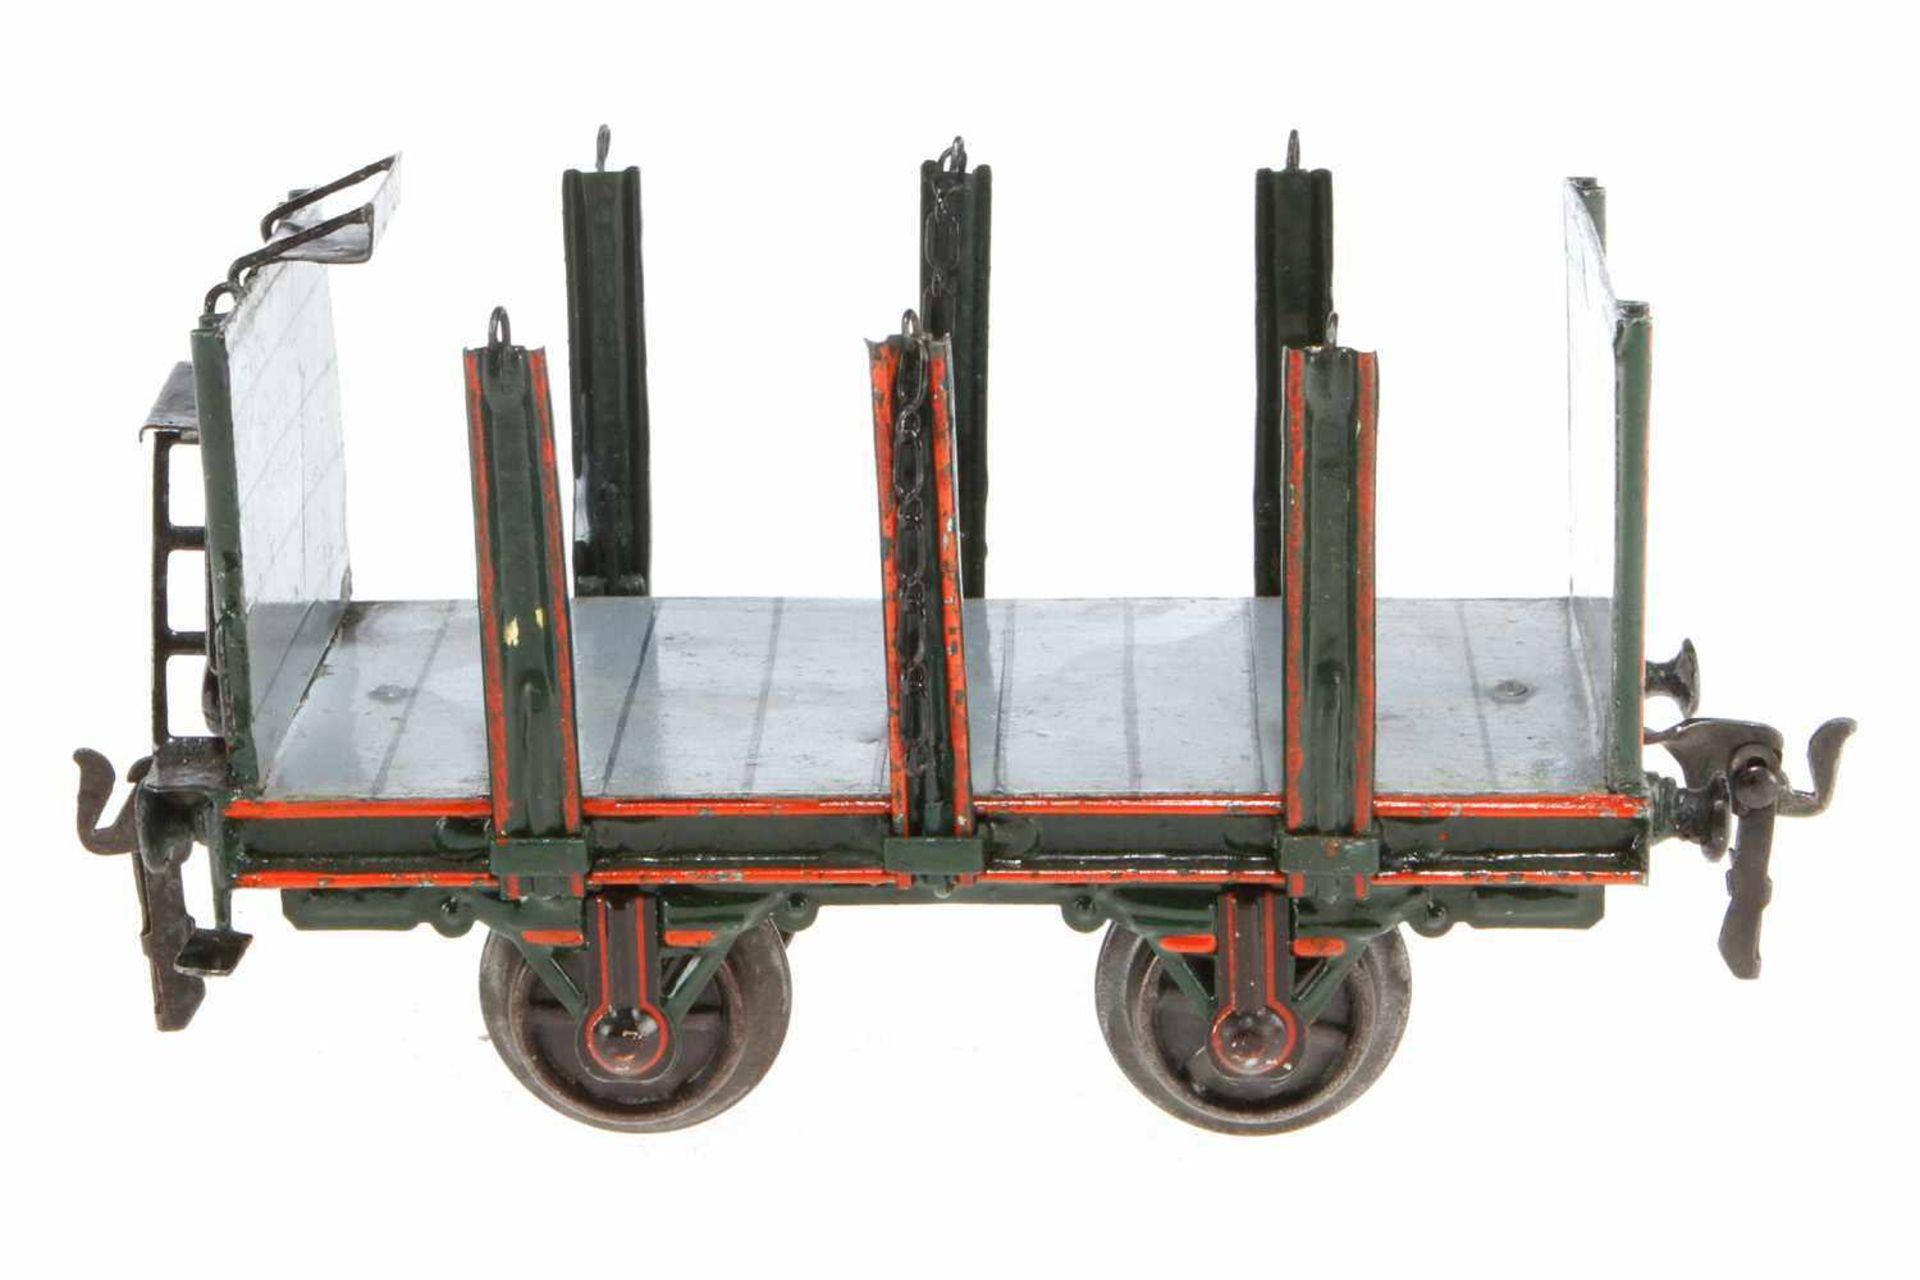 Märklin Rungenwagen 1833, S 1, uralt, HL, Ketten NV, LS und gealterter Lack, L 18, Z 2-3